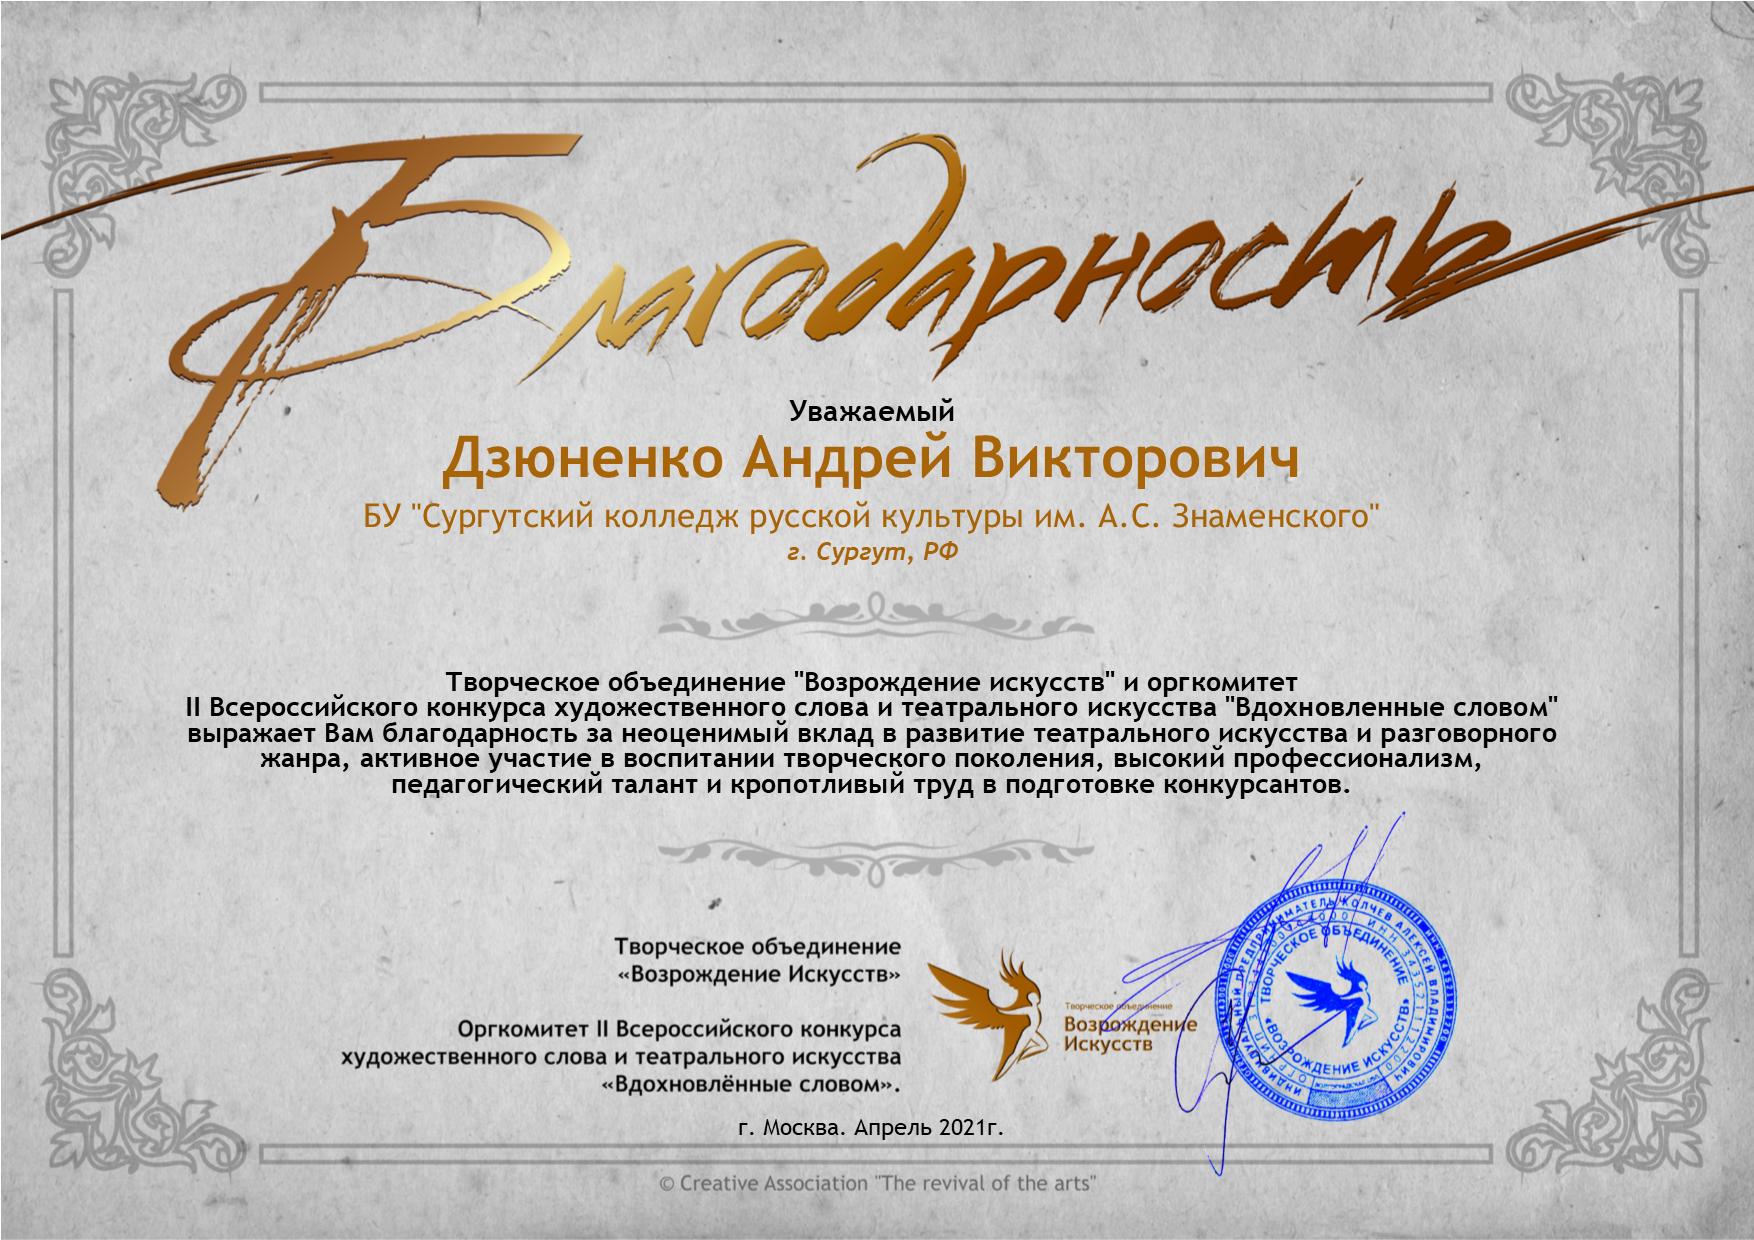 Дзюненко Андрей Викторович